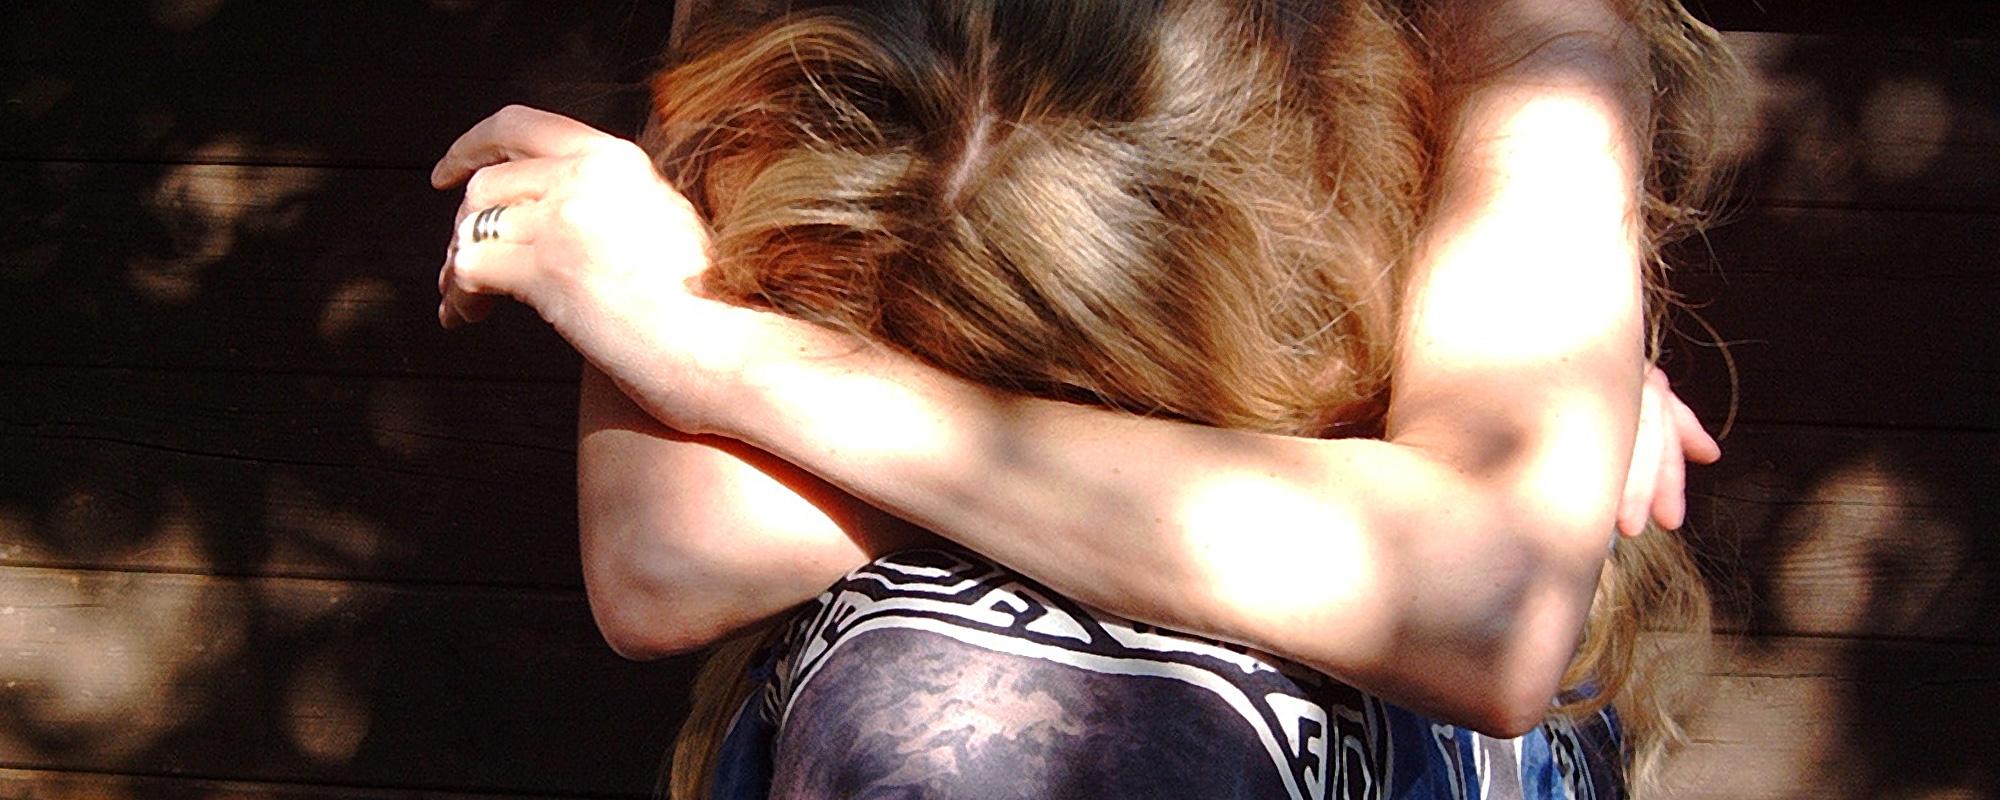 Emotionale Gewalt | Folgen | Therapie im Zentrum für ganzheitliche Traumatherapie | Heilpraktikerin Petra M. Quack